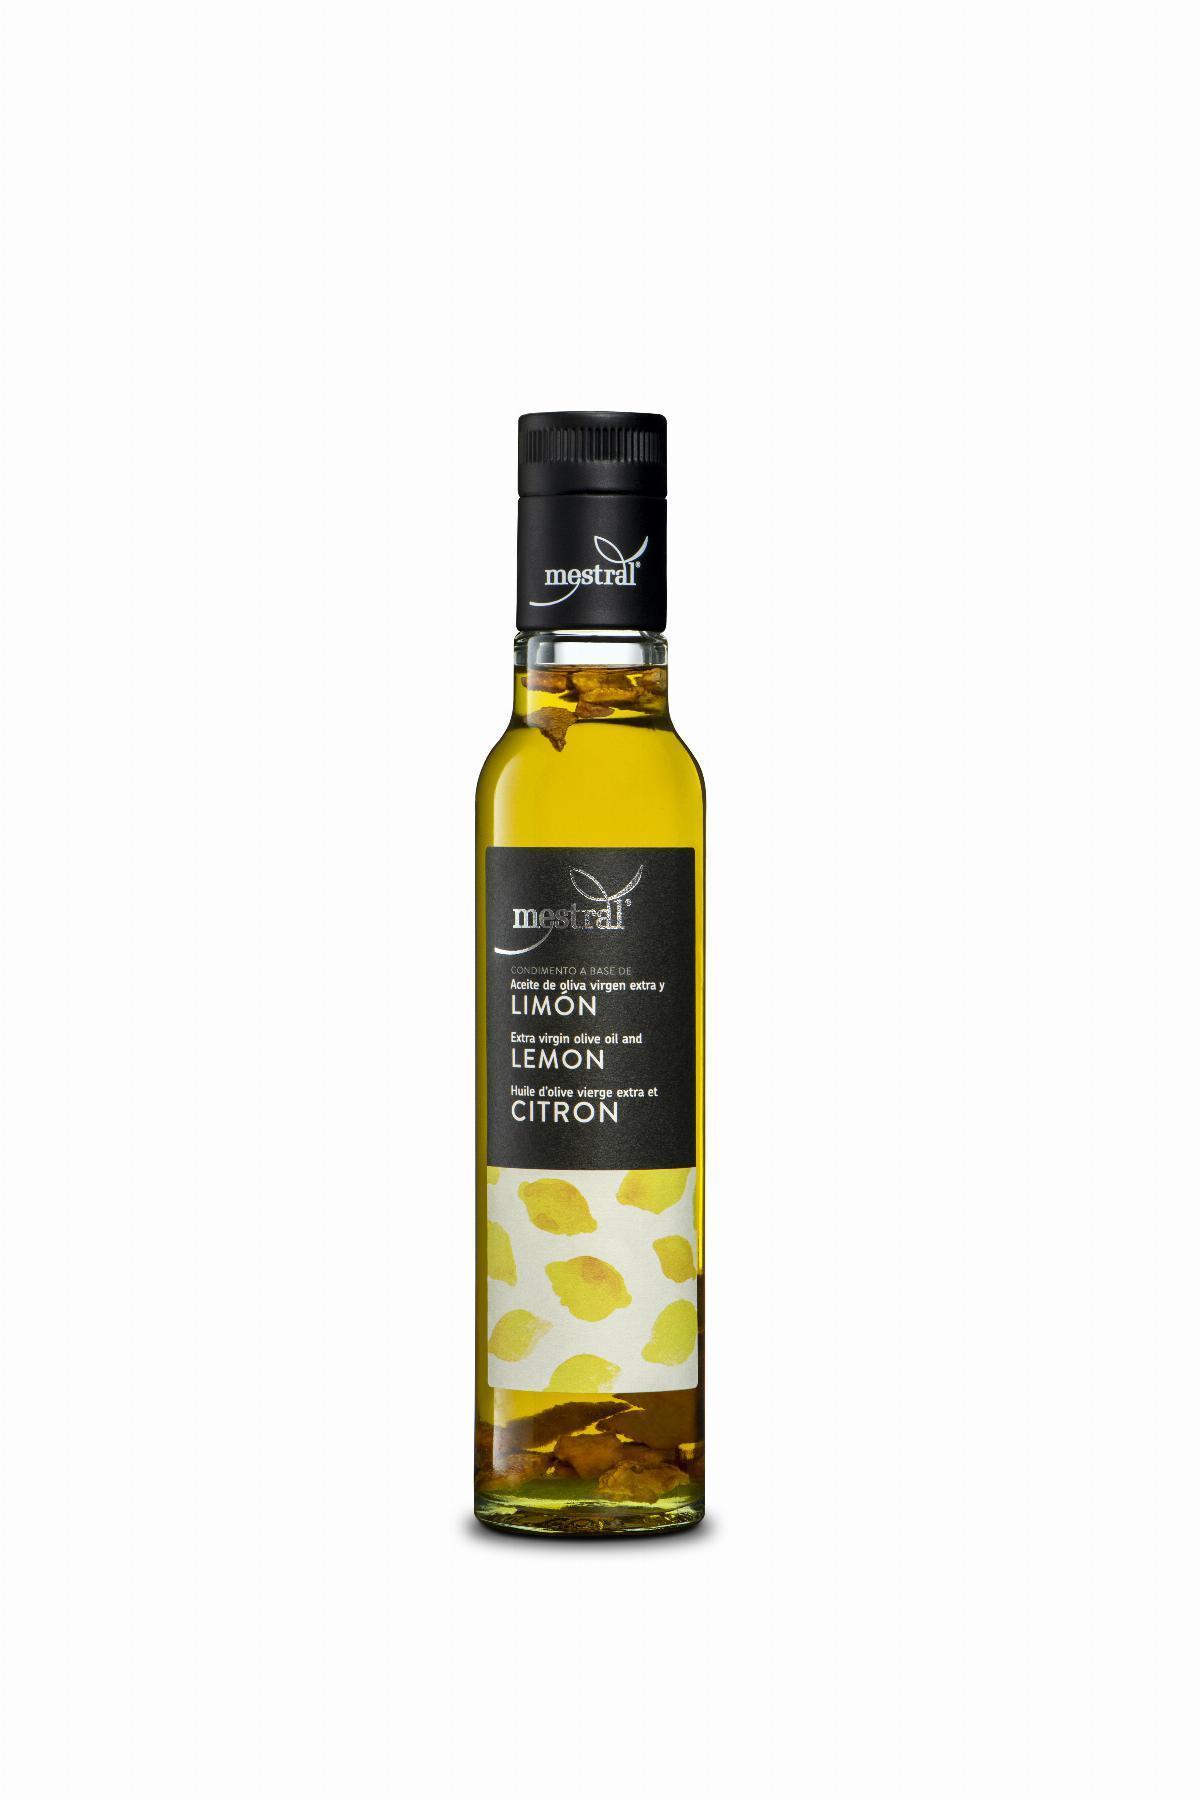 Olis i infusionats - Oli d'Oliva Verge Extra Mestral amb Llimona, ampolla Dòrica transparent, 250ml, ES-EN-FR - Mestral Cambrils